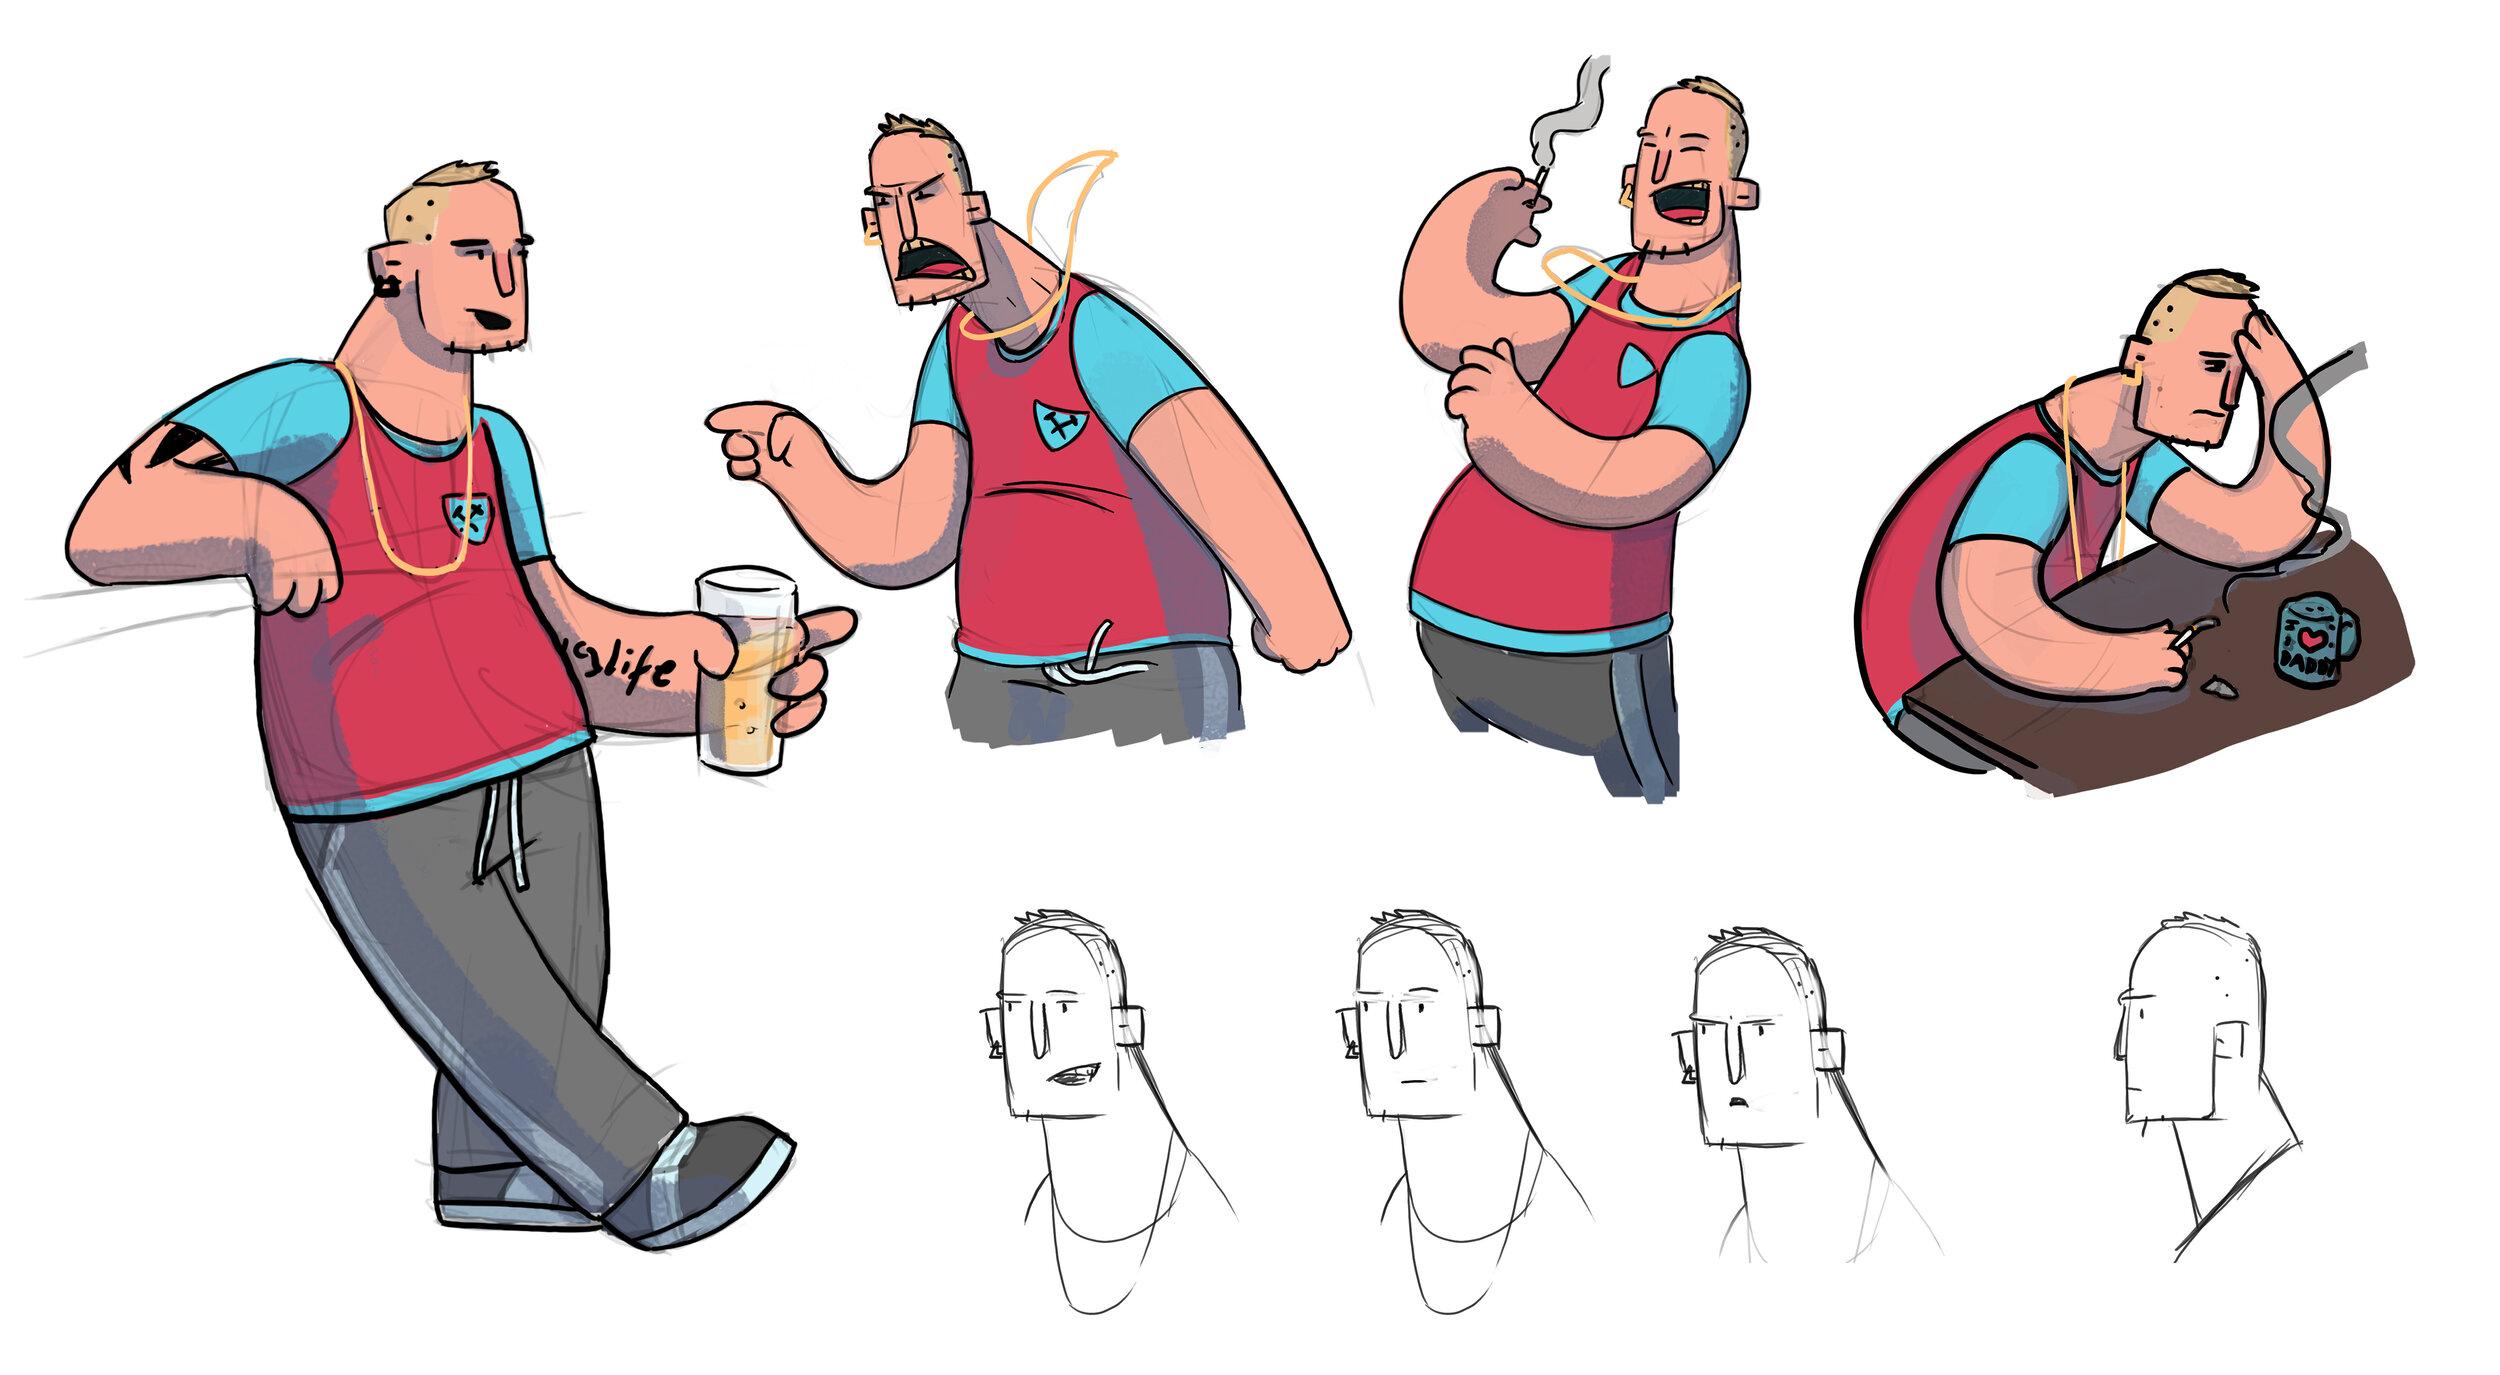 tony character sheet.jpg